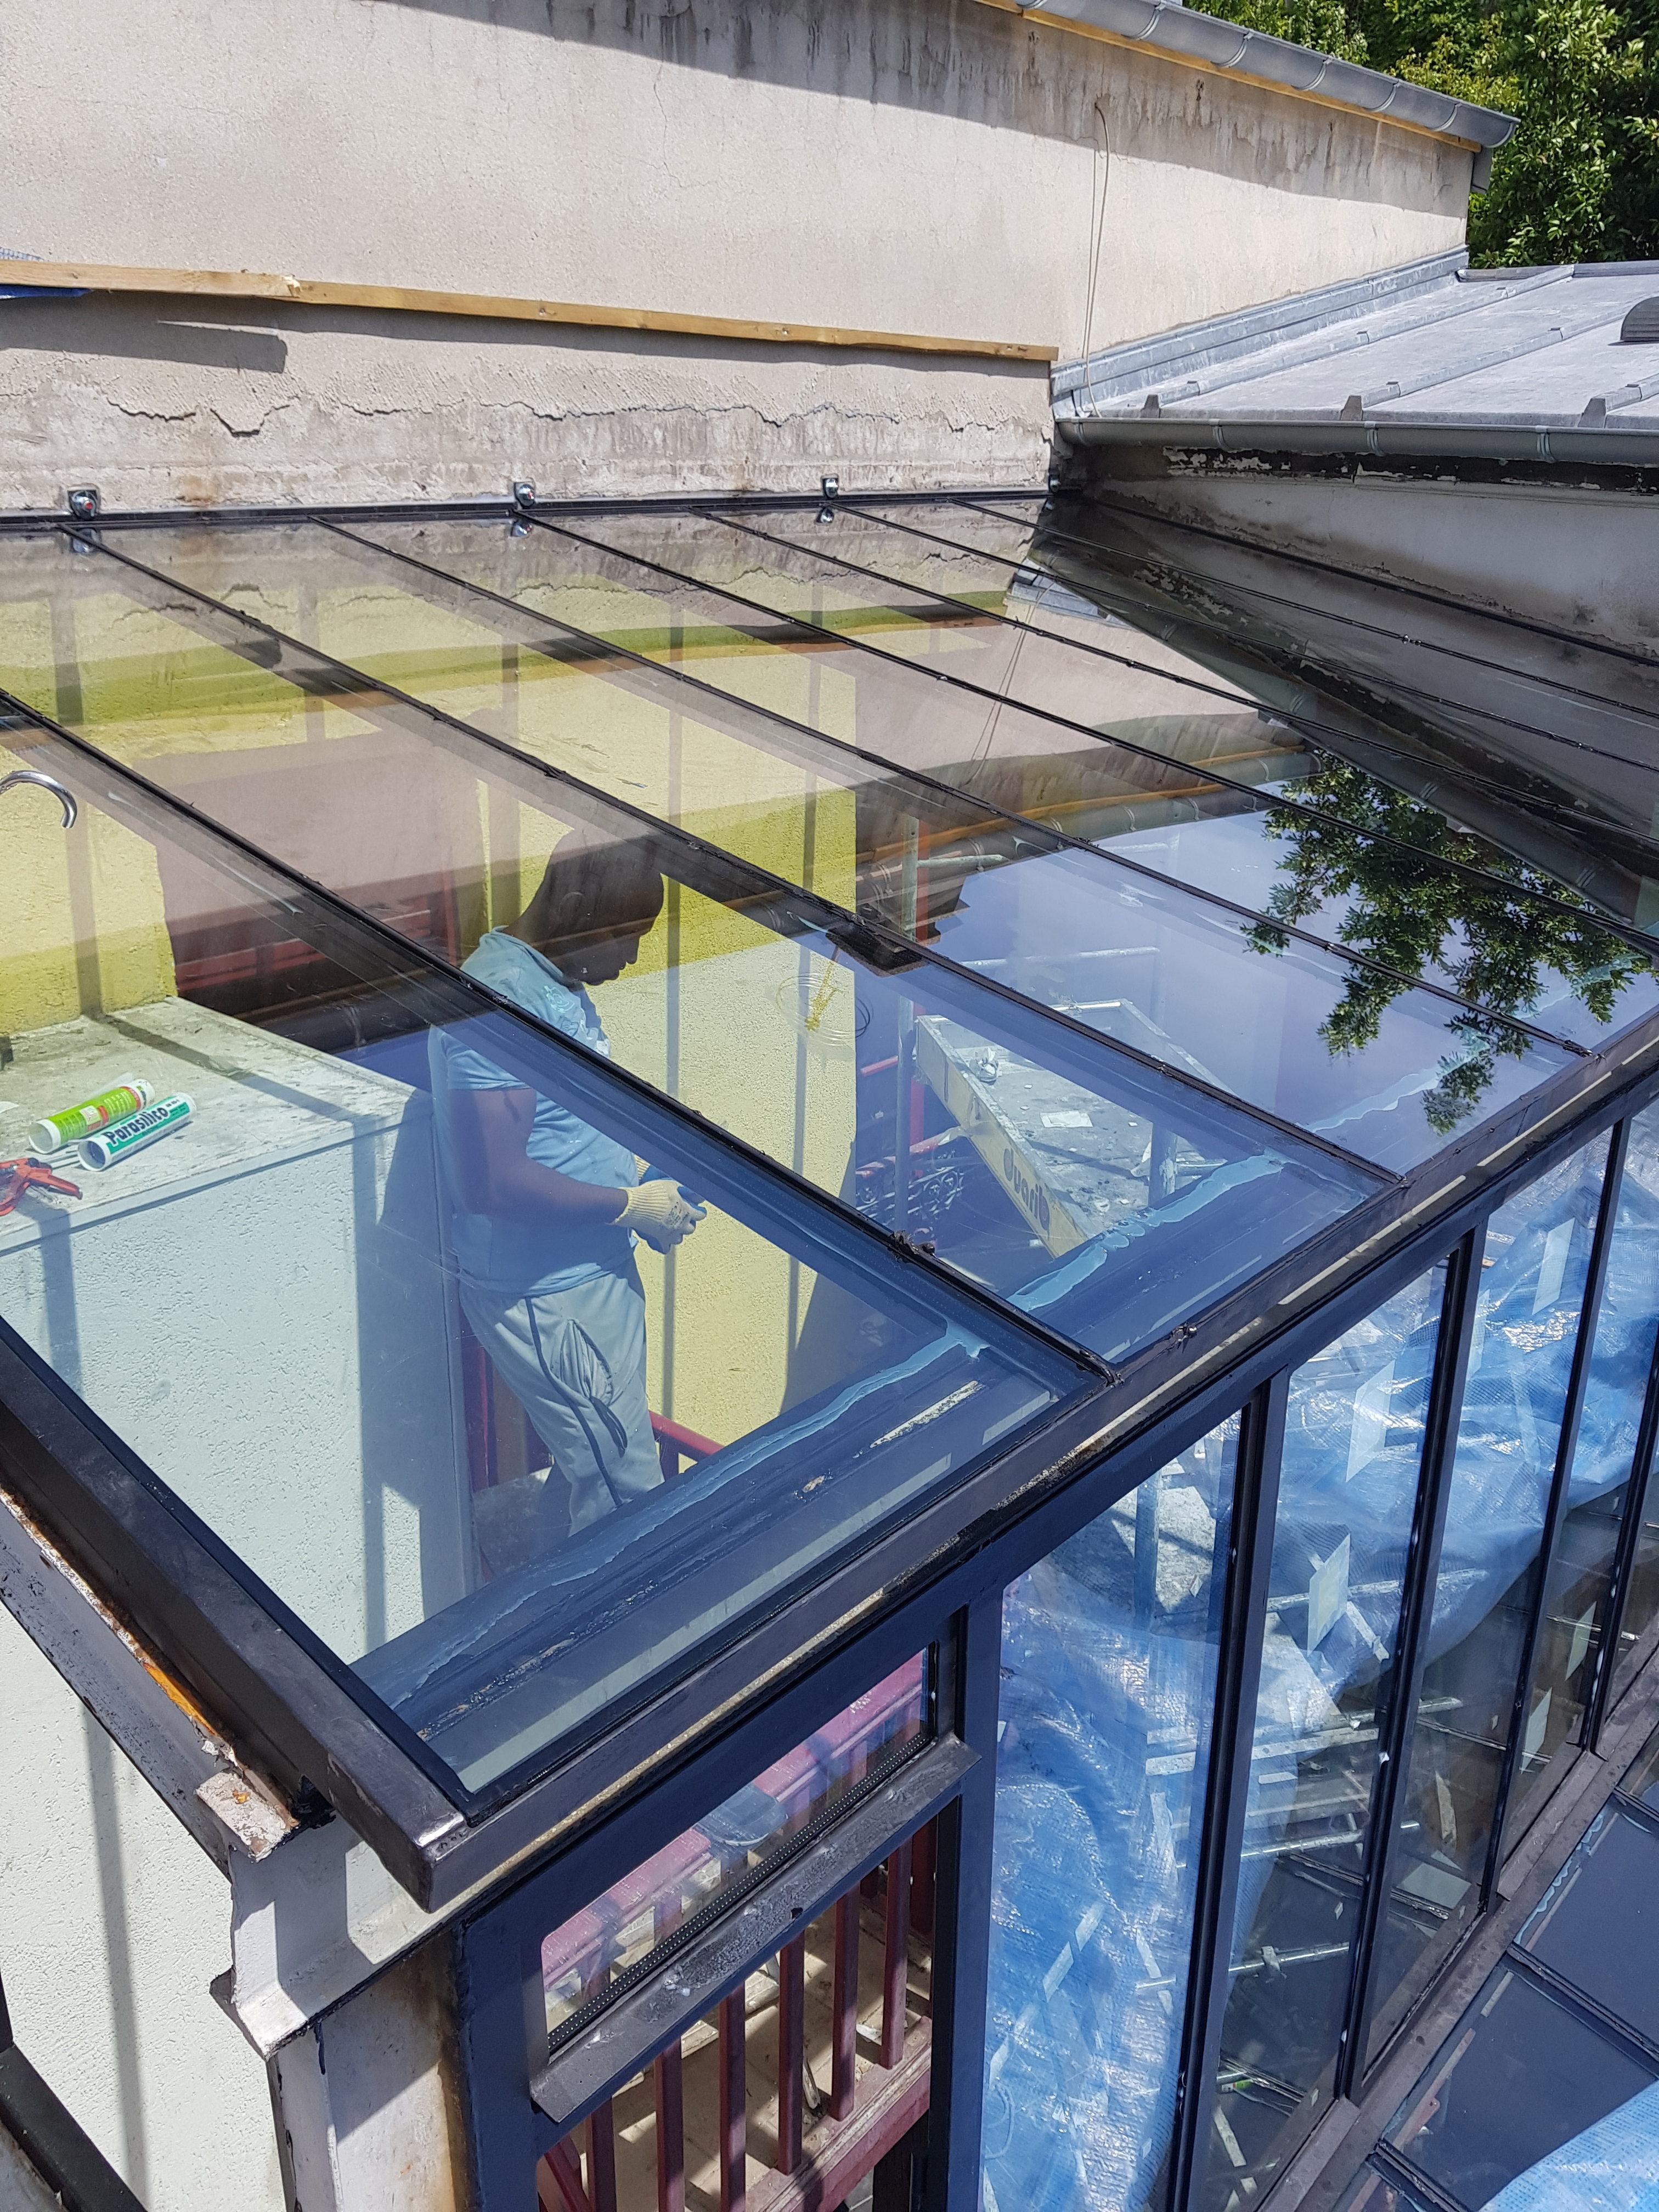 Miroiterie Clamart concernant Étapes de la rénovation d'une verrière. | bh vitrier paris, artisan